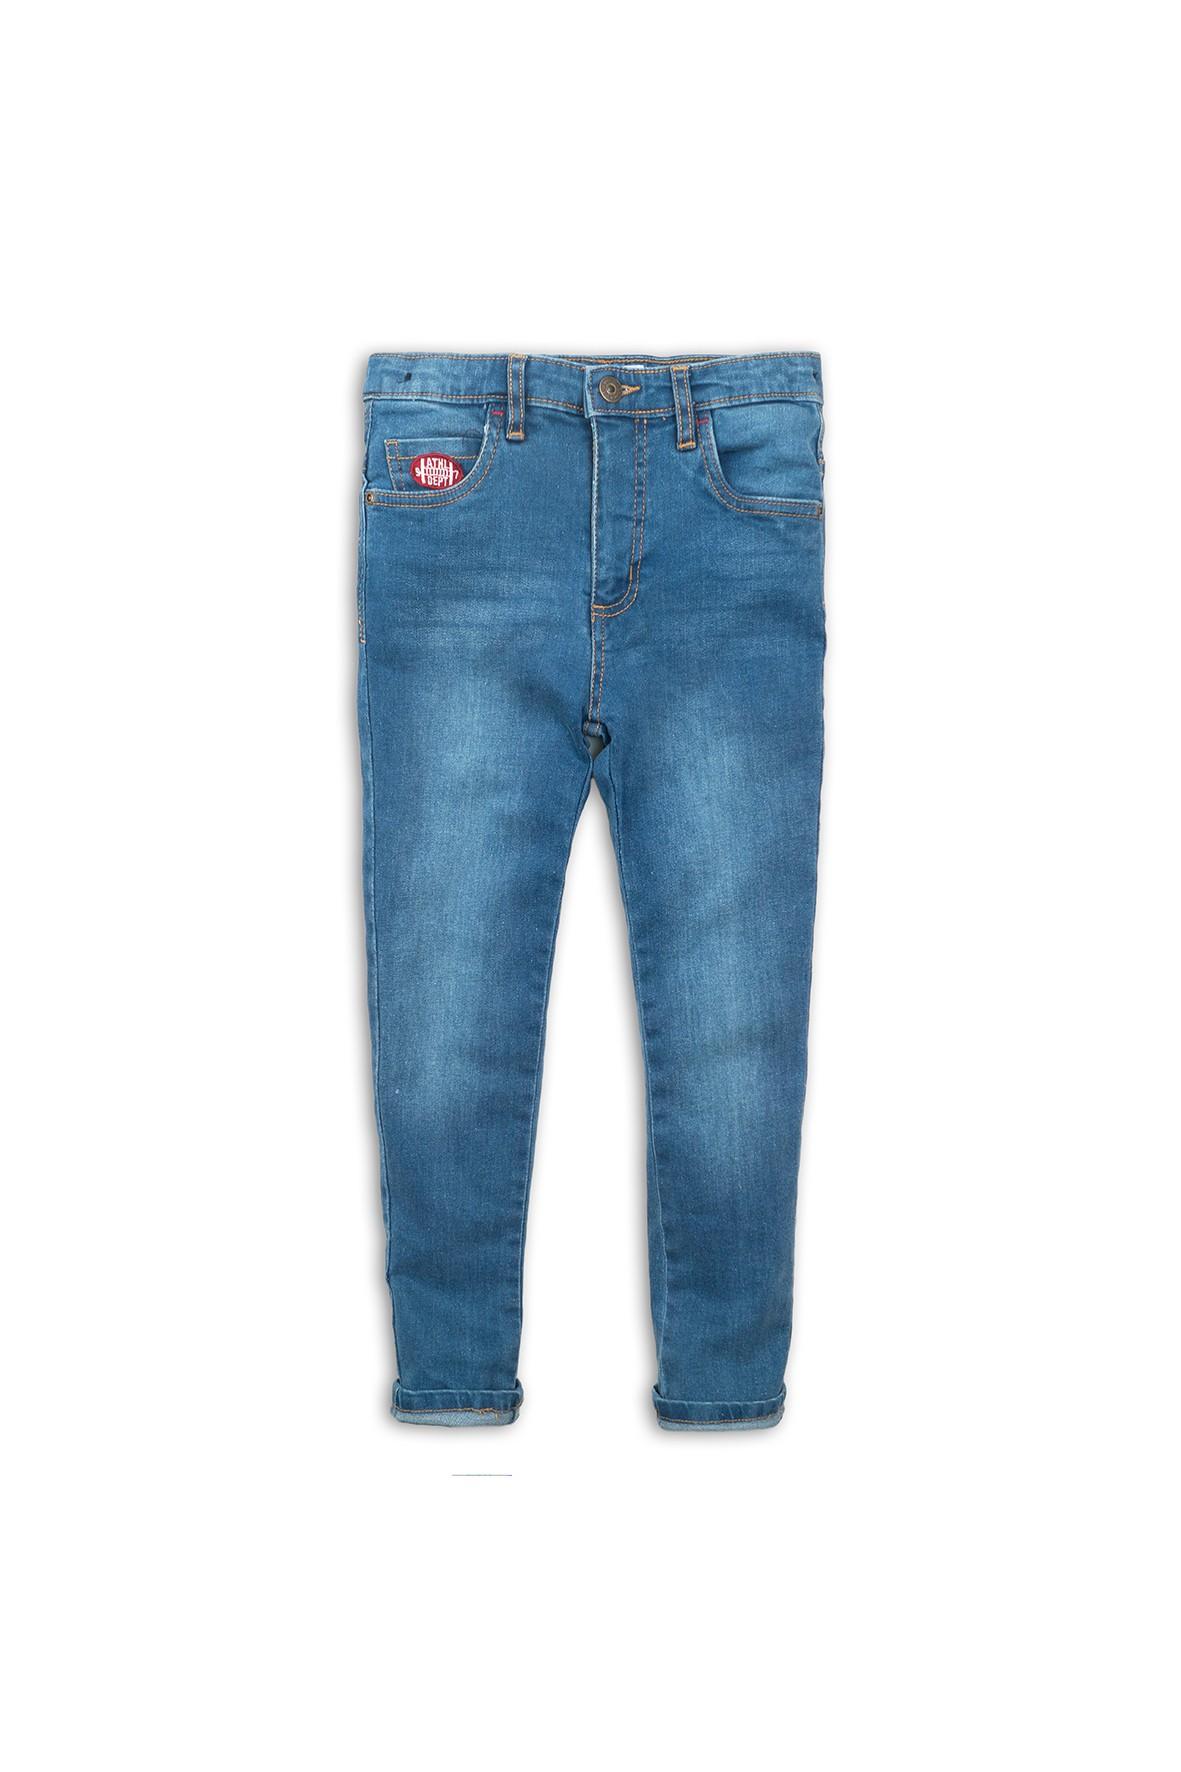 Spodnie jeansowe niebieskie rozm 92/98